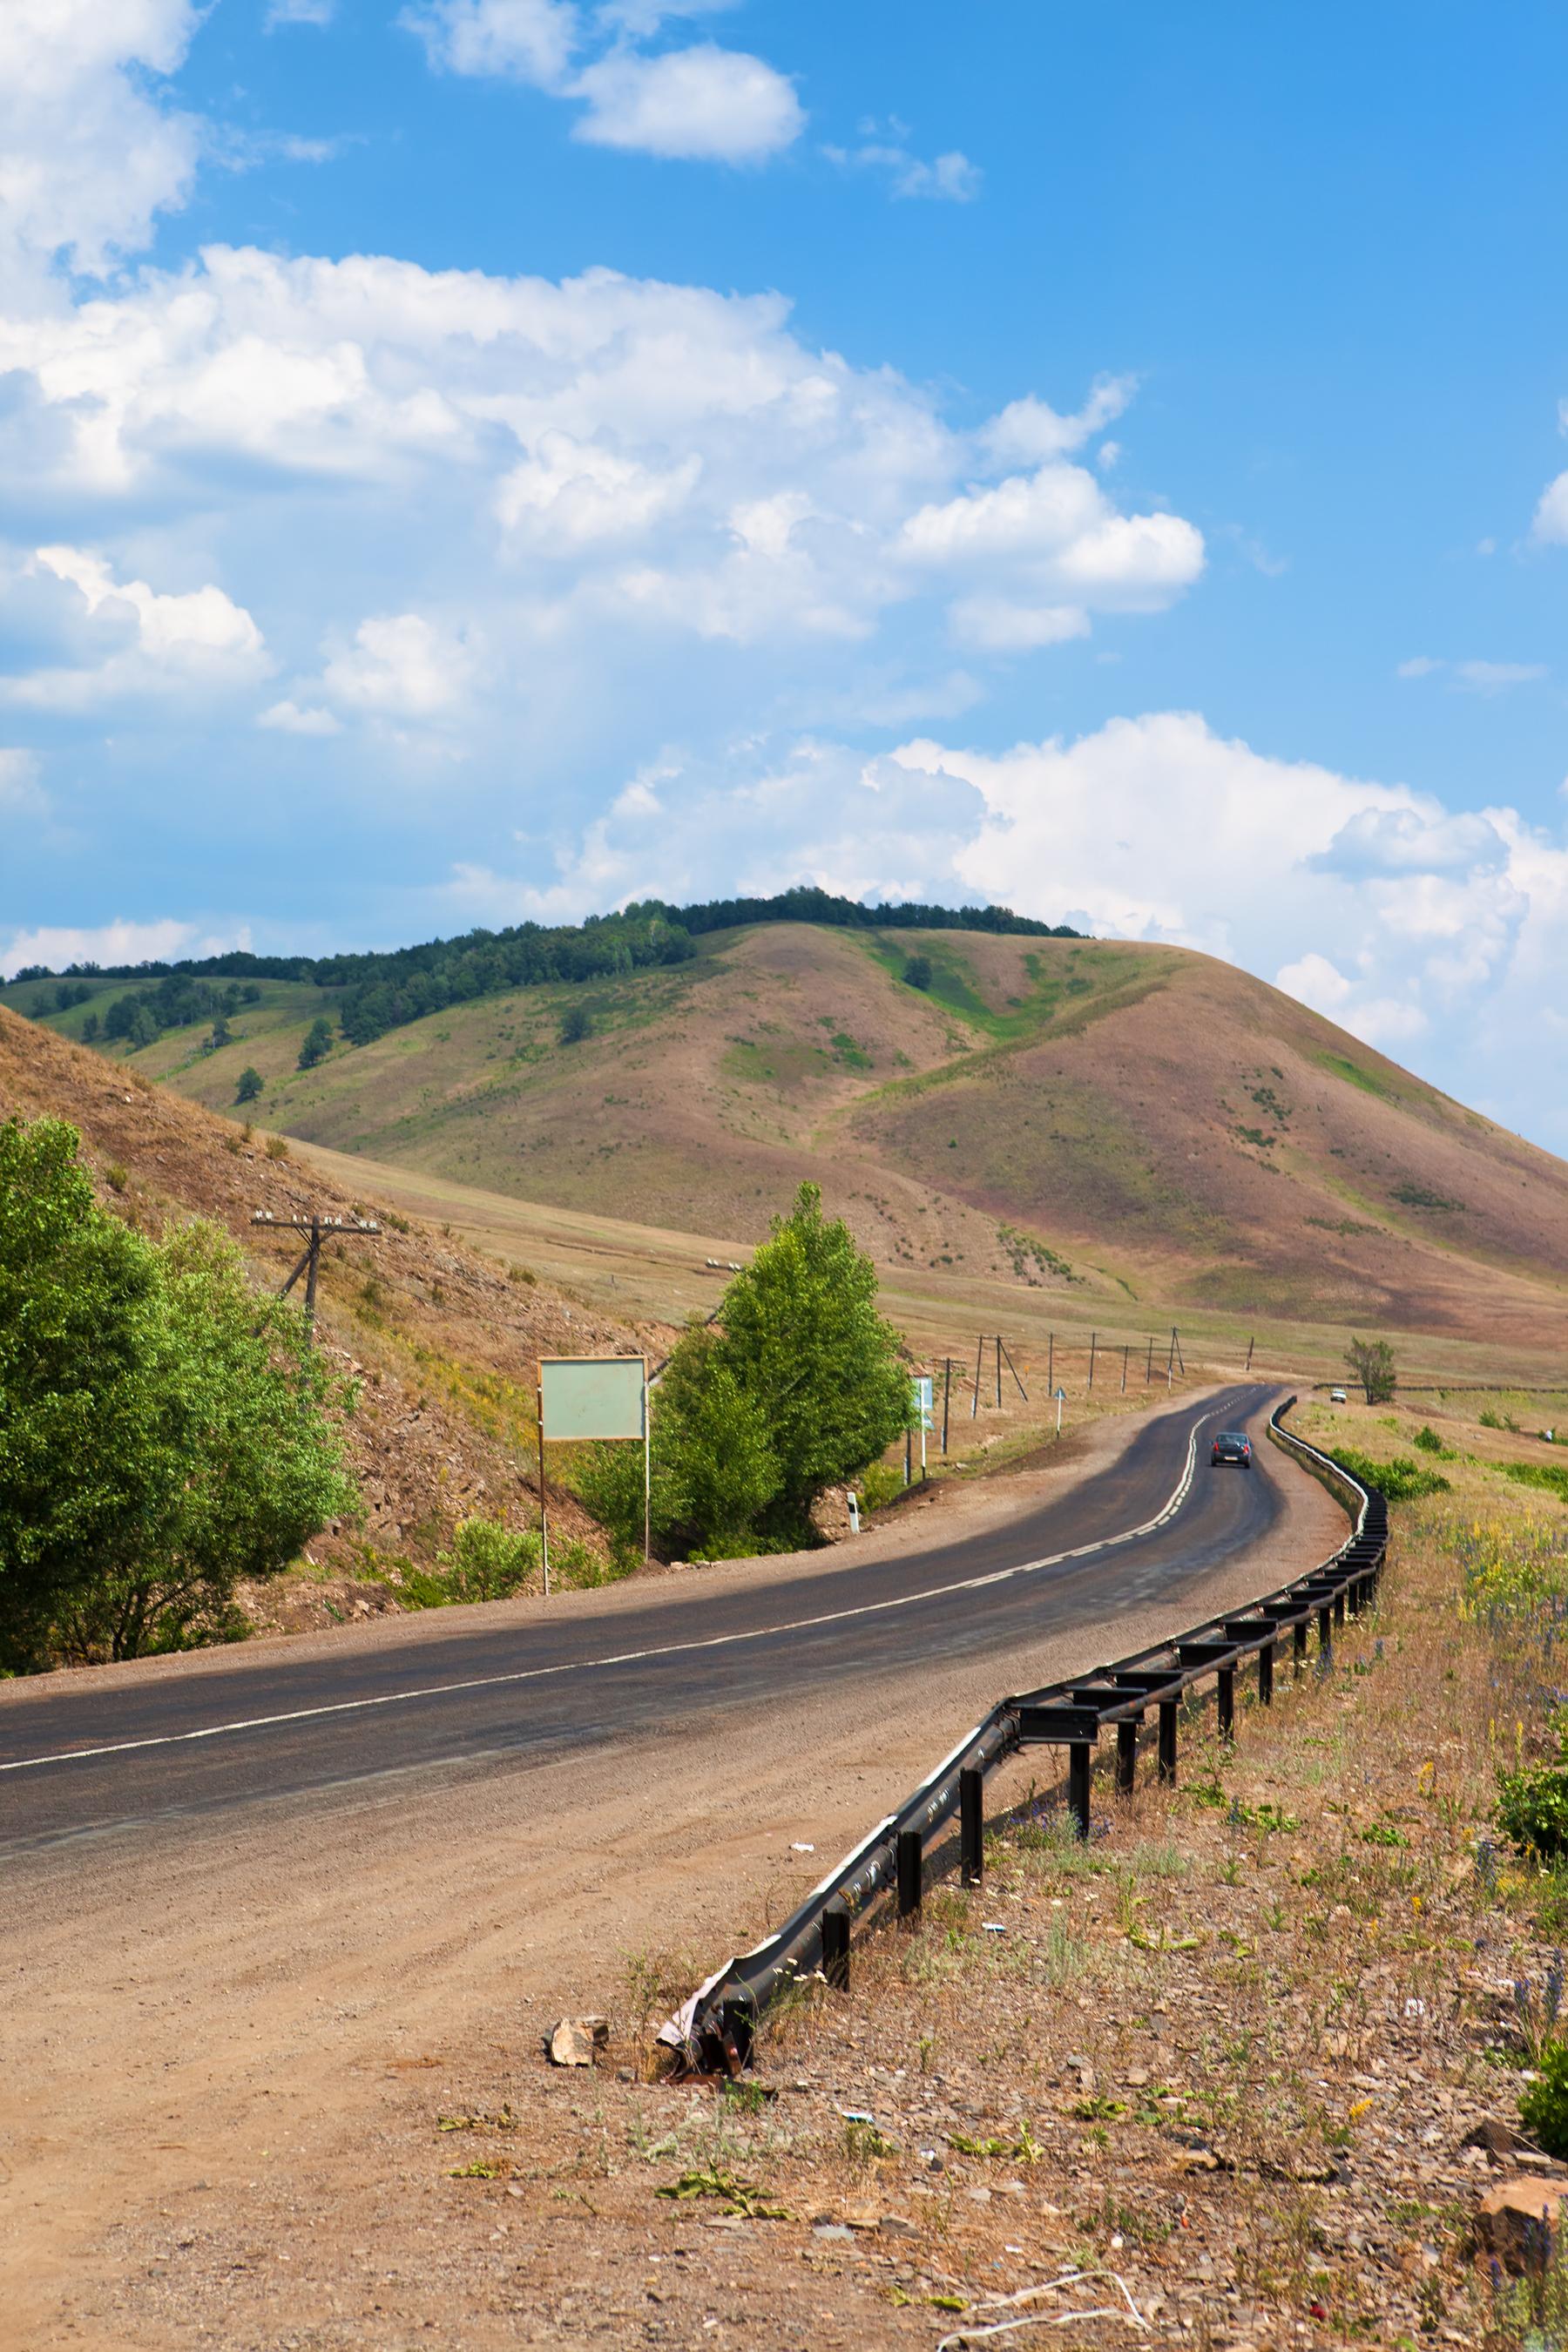 Road photo